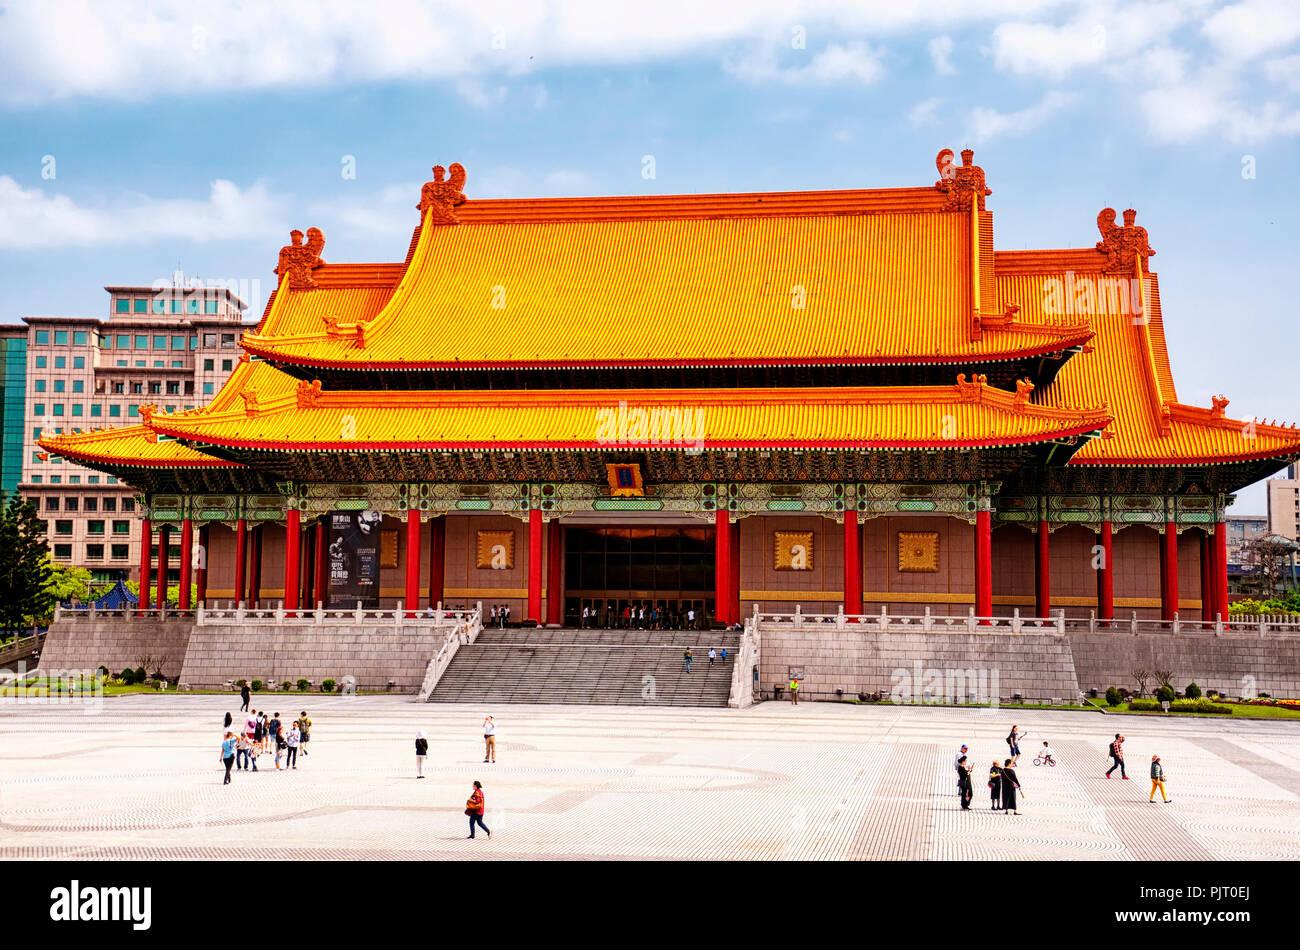 Le 31 mars 2018. Taipei, Taiwan. Les touristes visitant la place de la liberté en face du national concert hall dans la ville de Taipei, Taiwan. Photo Stock